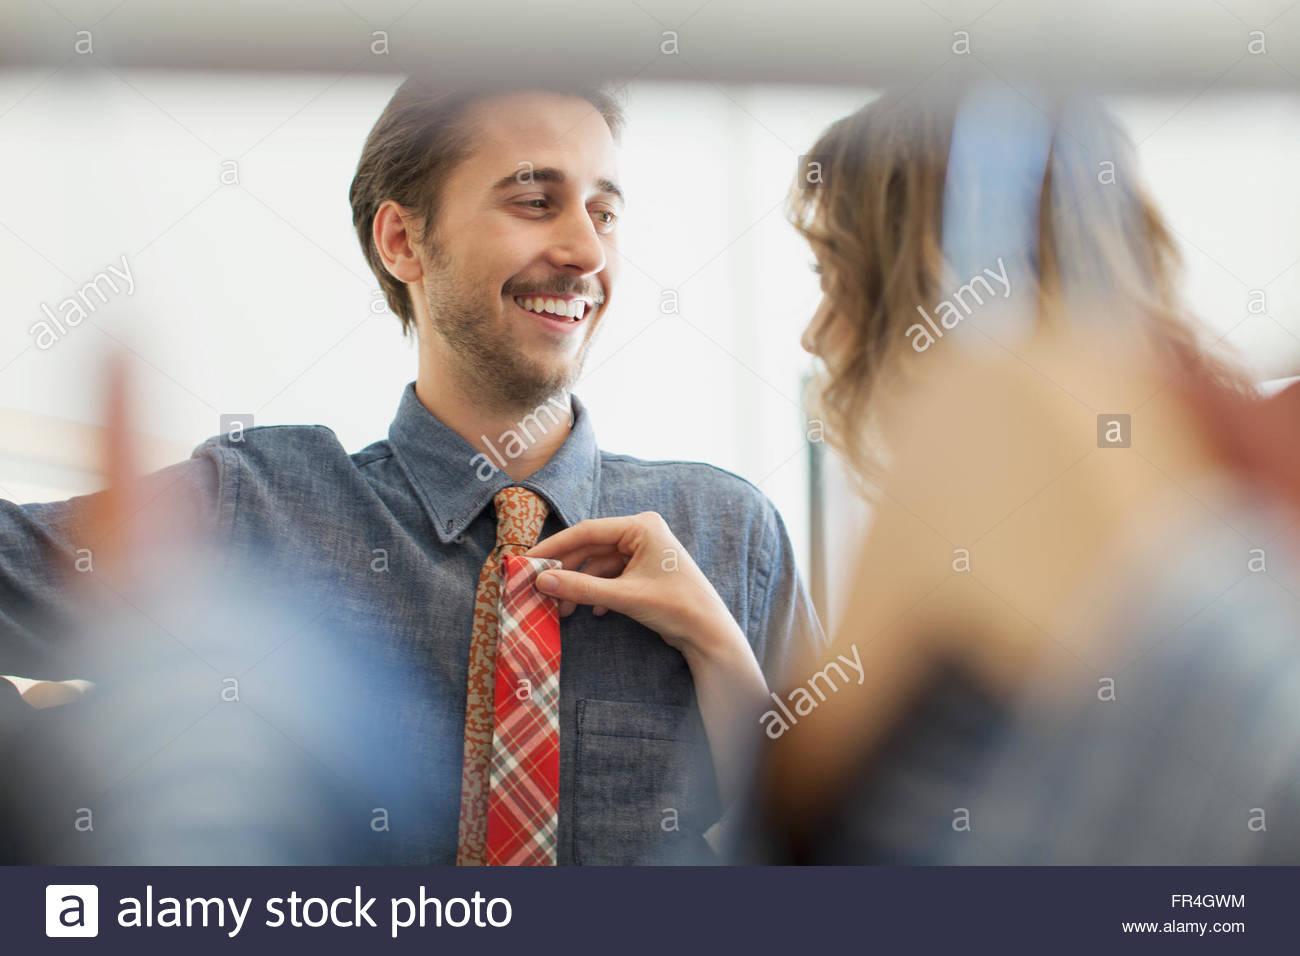 Girlfriend holding necktie option on boyfriends chest. - Stock Image